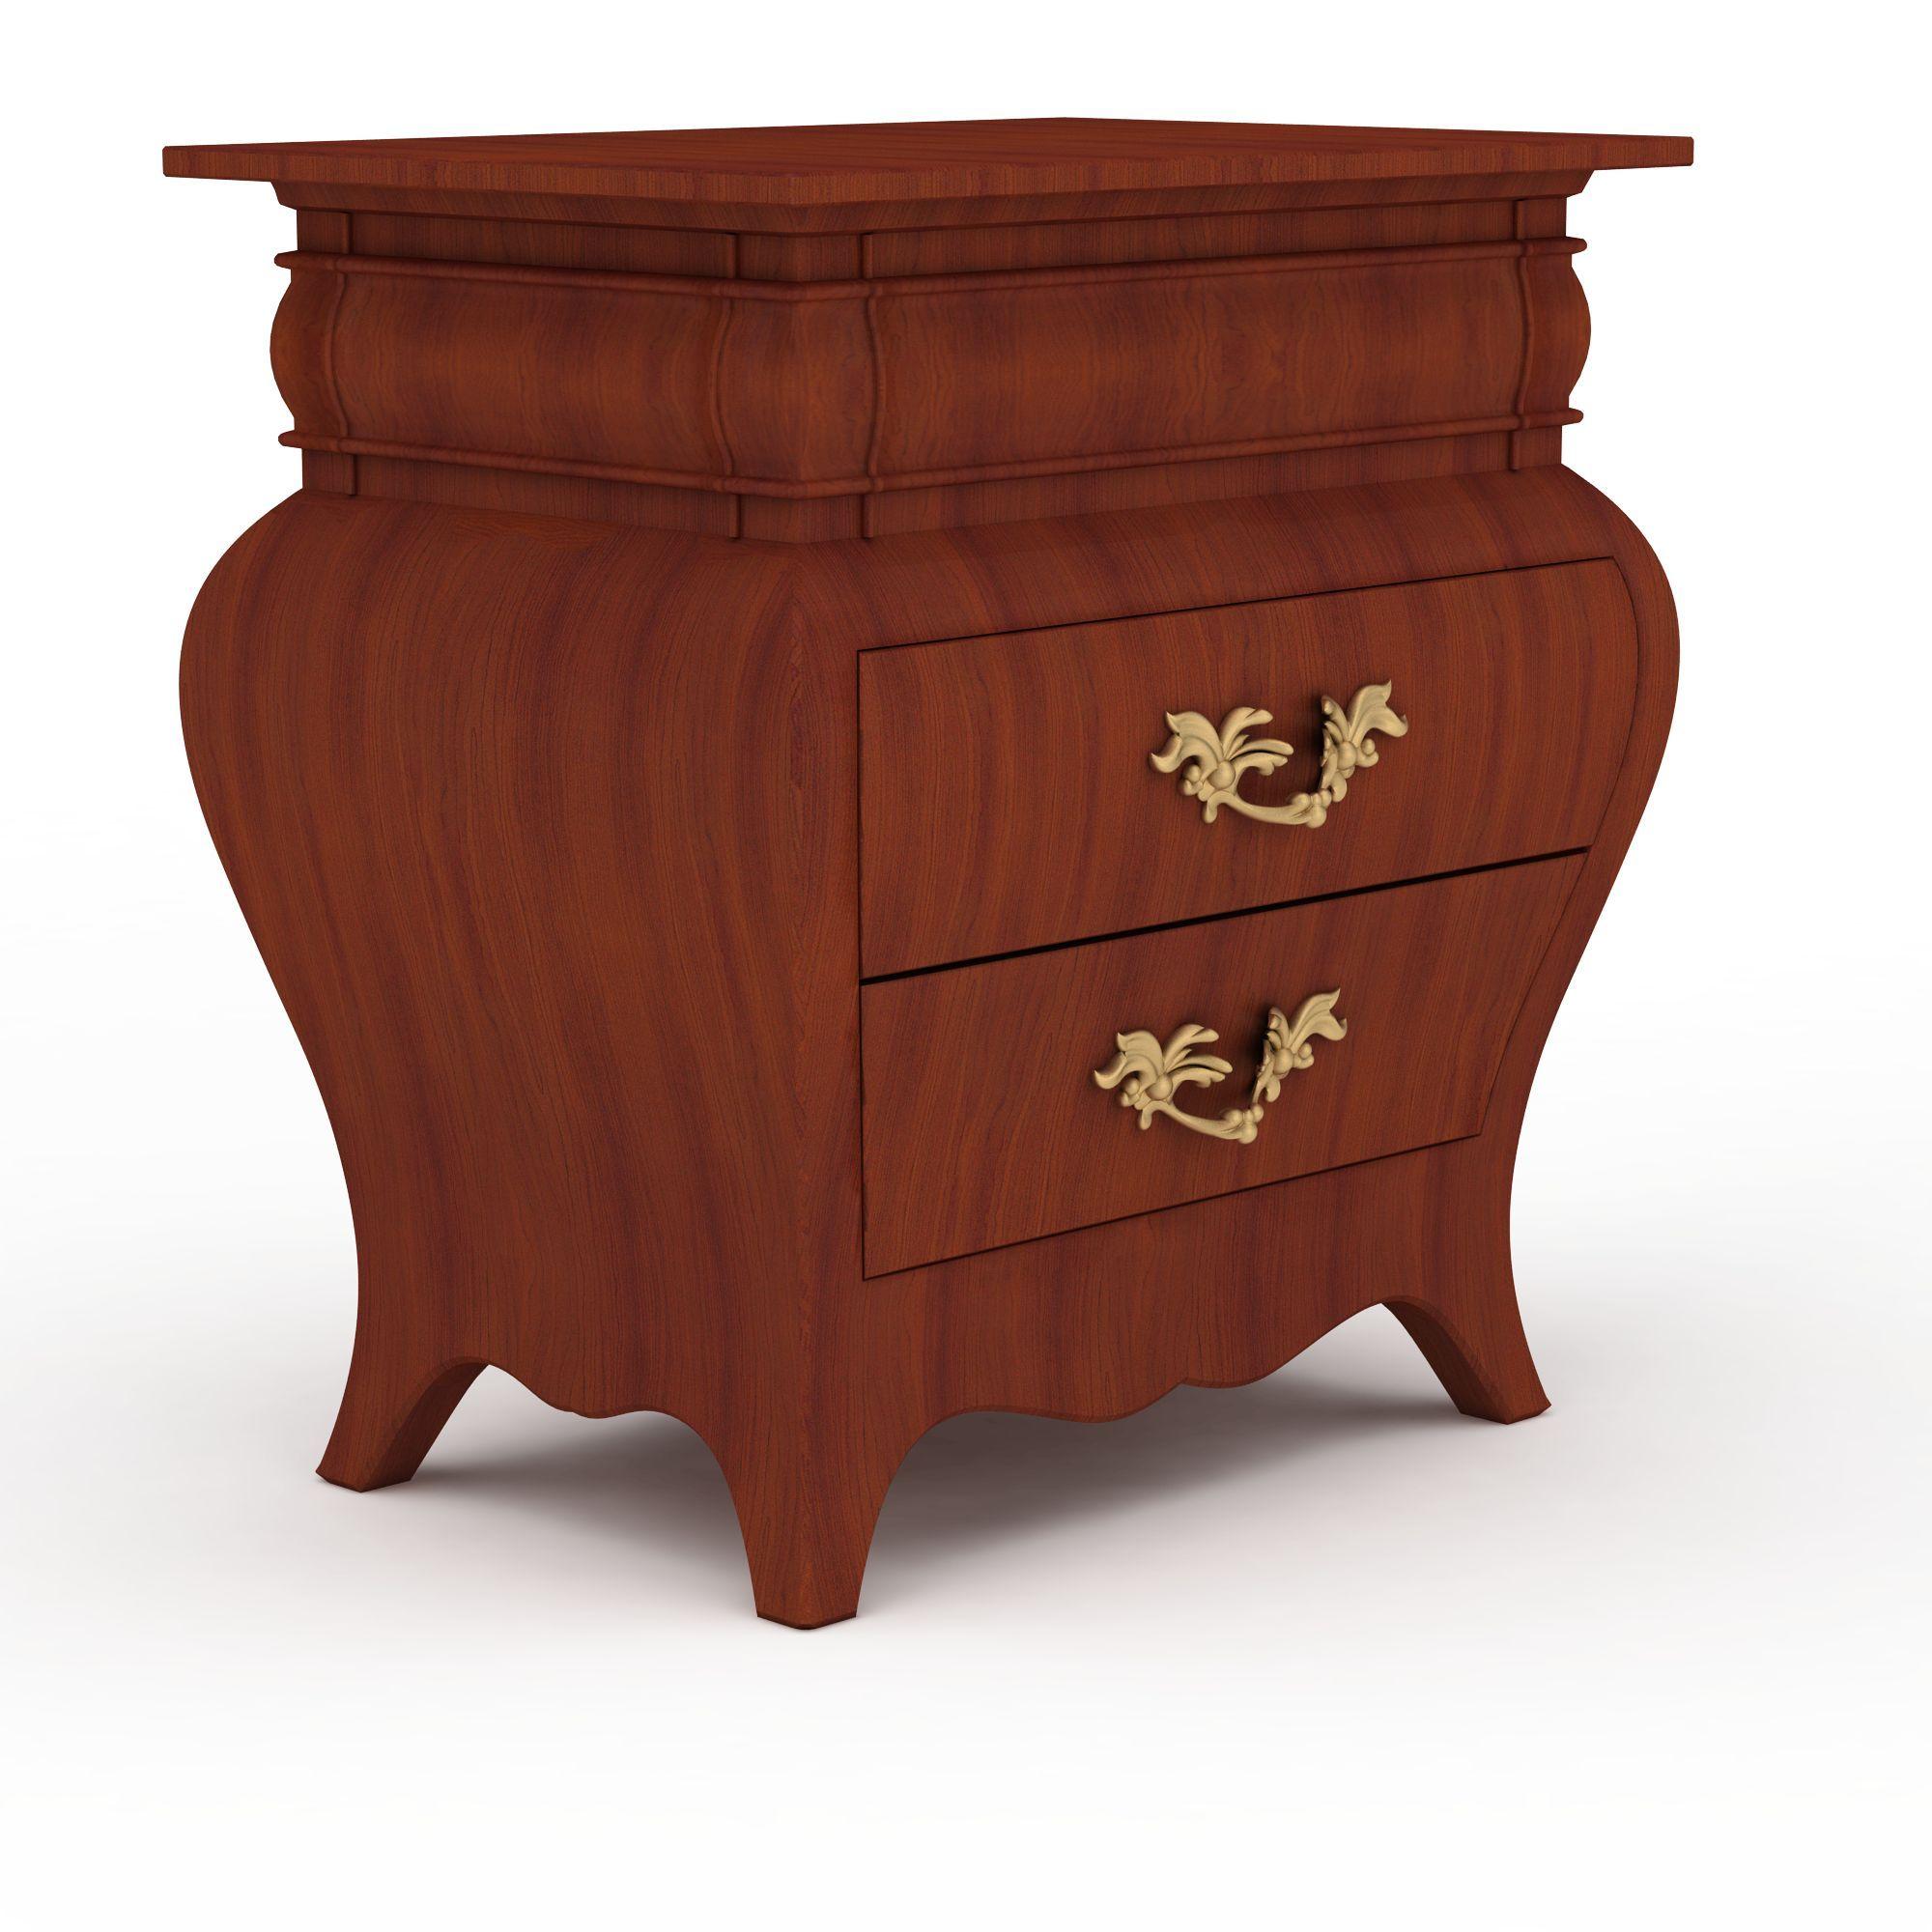 家具组合 柜 实木柜子3d模型 实木柜子png高清图  实木柜子高清图详情